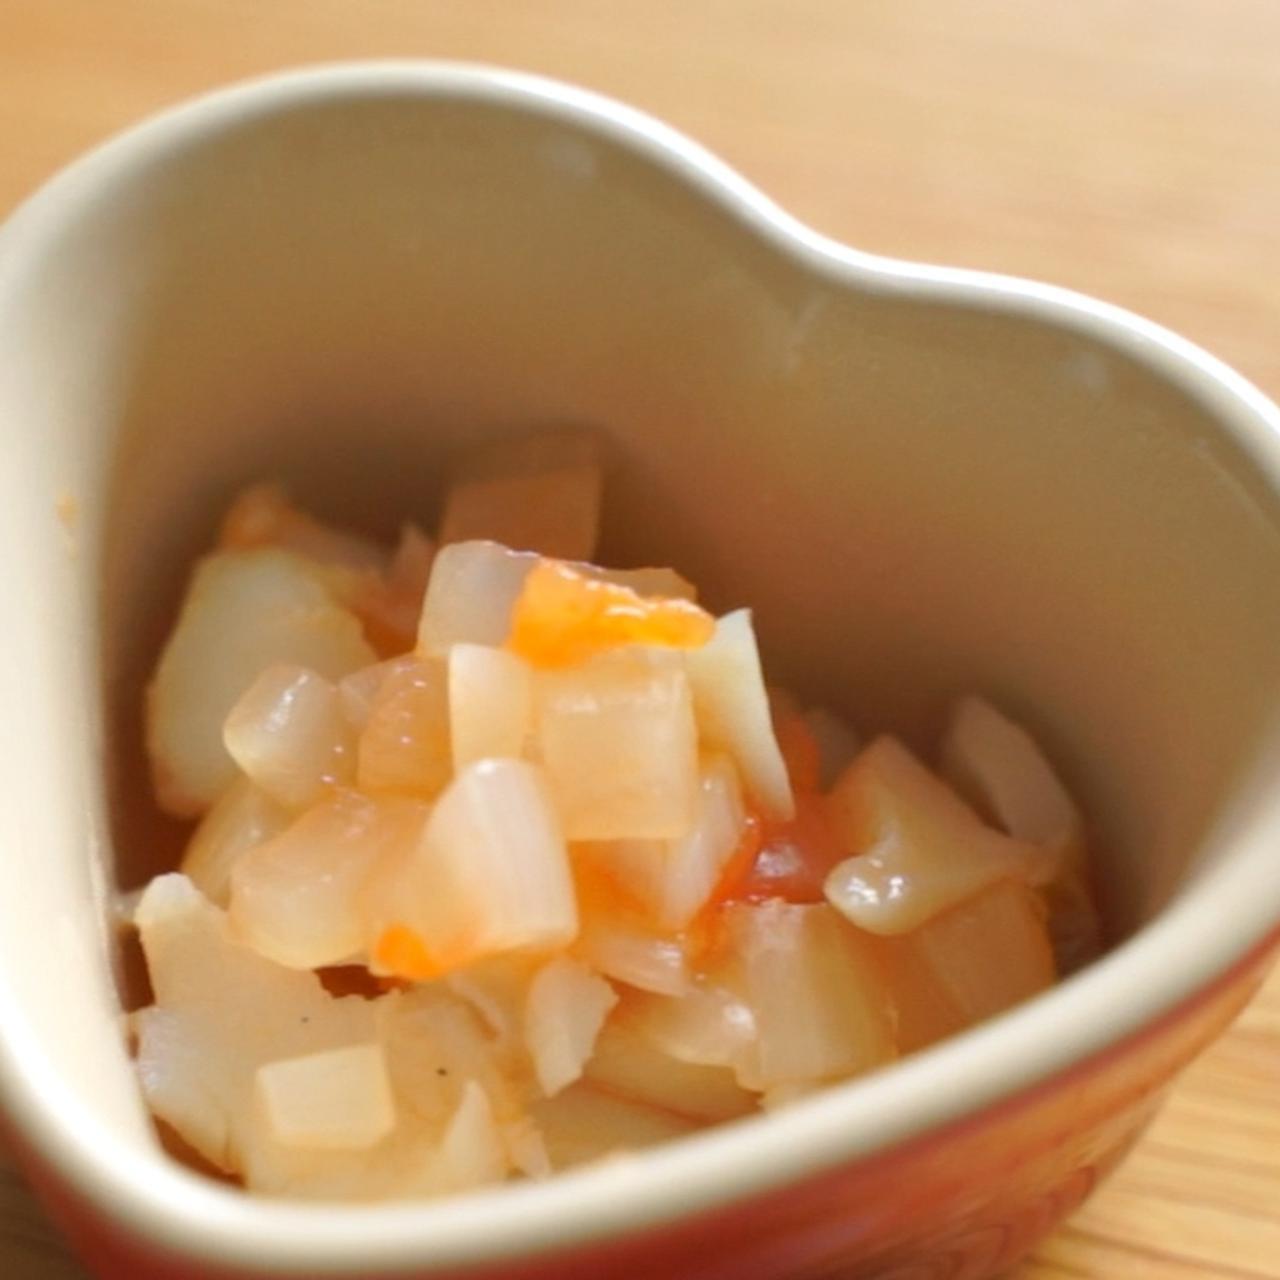 画像: 離乳食 完了期レシピ!タラのトマト煮 - 君とごはん